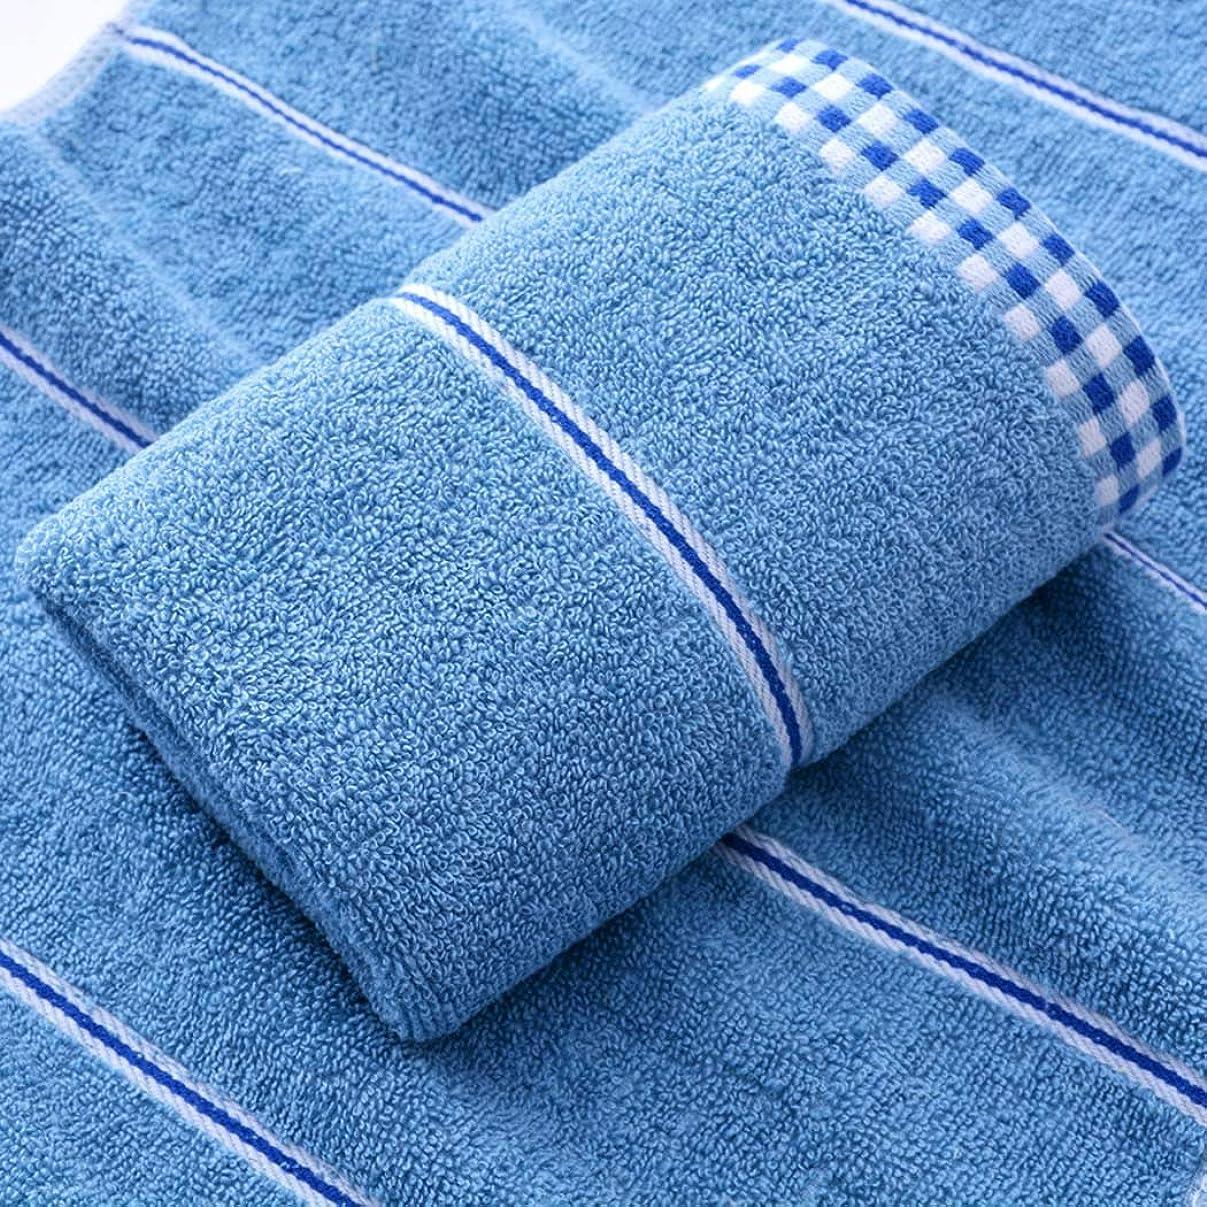 ドメイン家族ピルファッション高級スーパーソフトコットンタオルと速乾性タオル,Blue,33*73cm